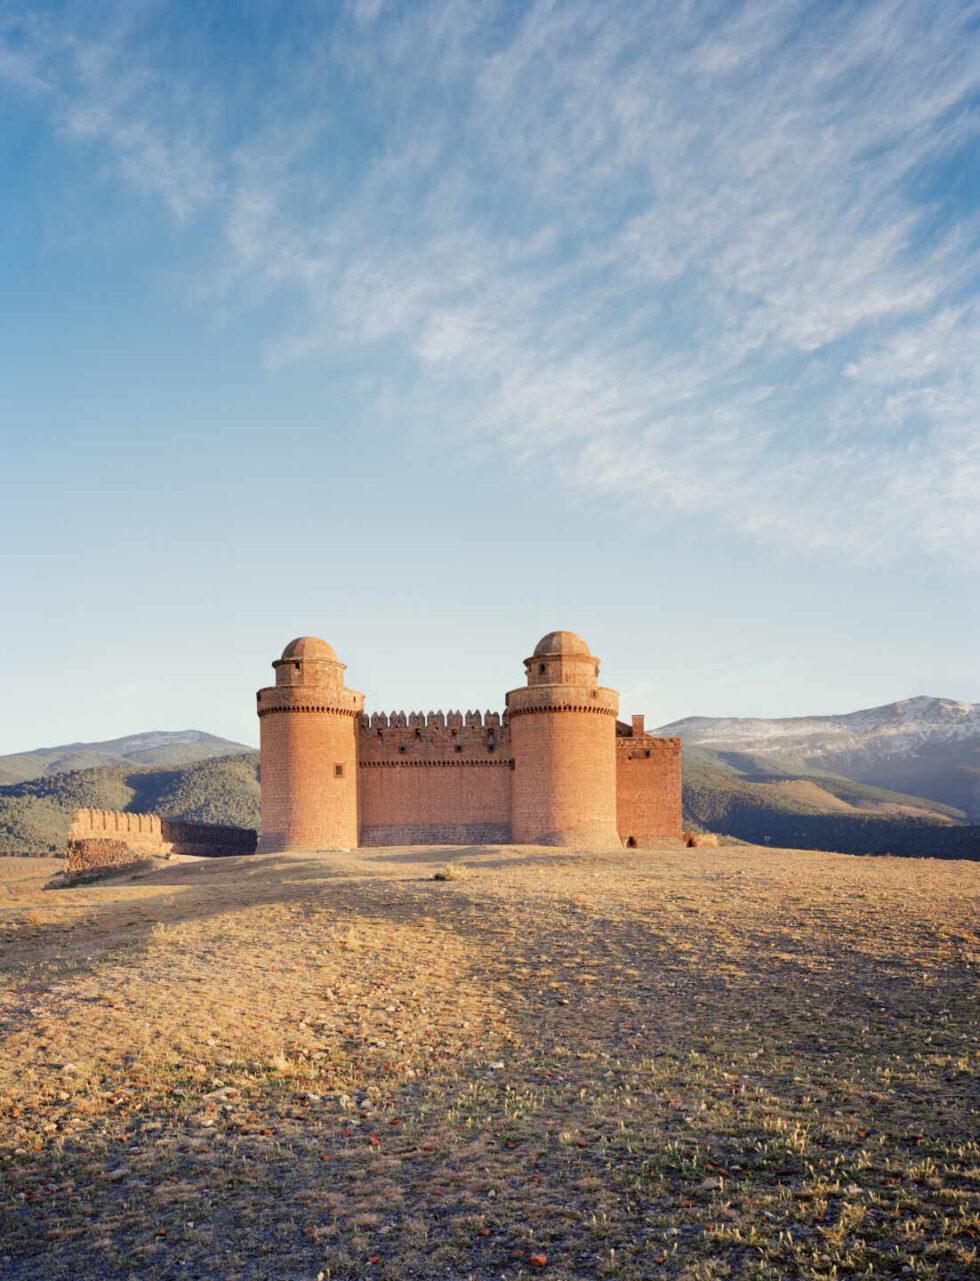 El castillo de La Calahorra